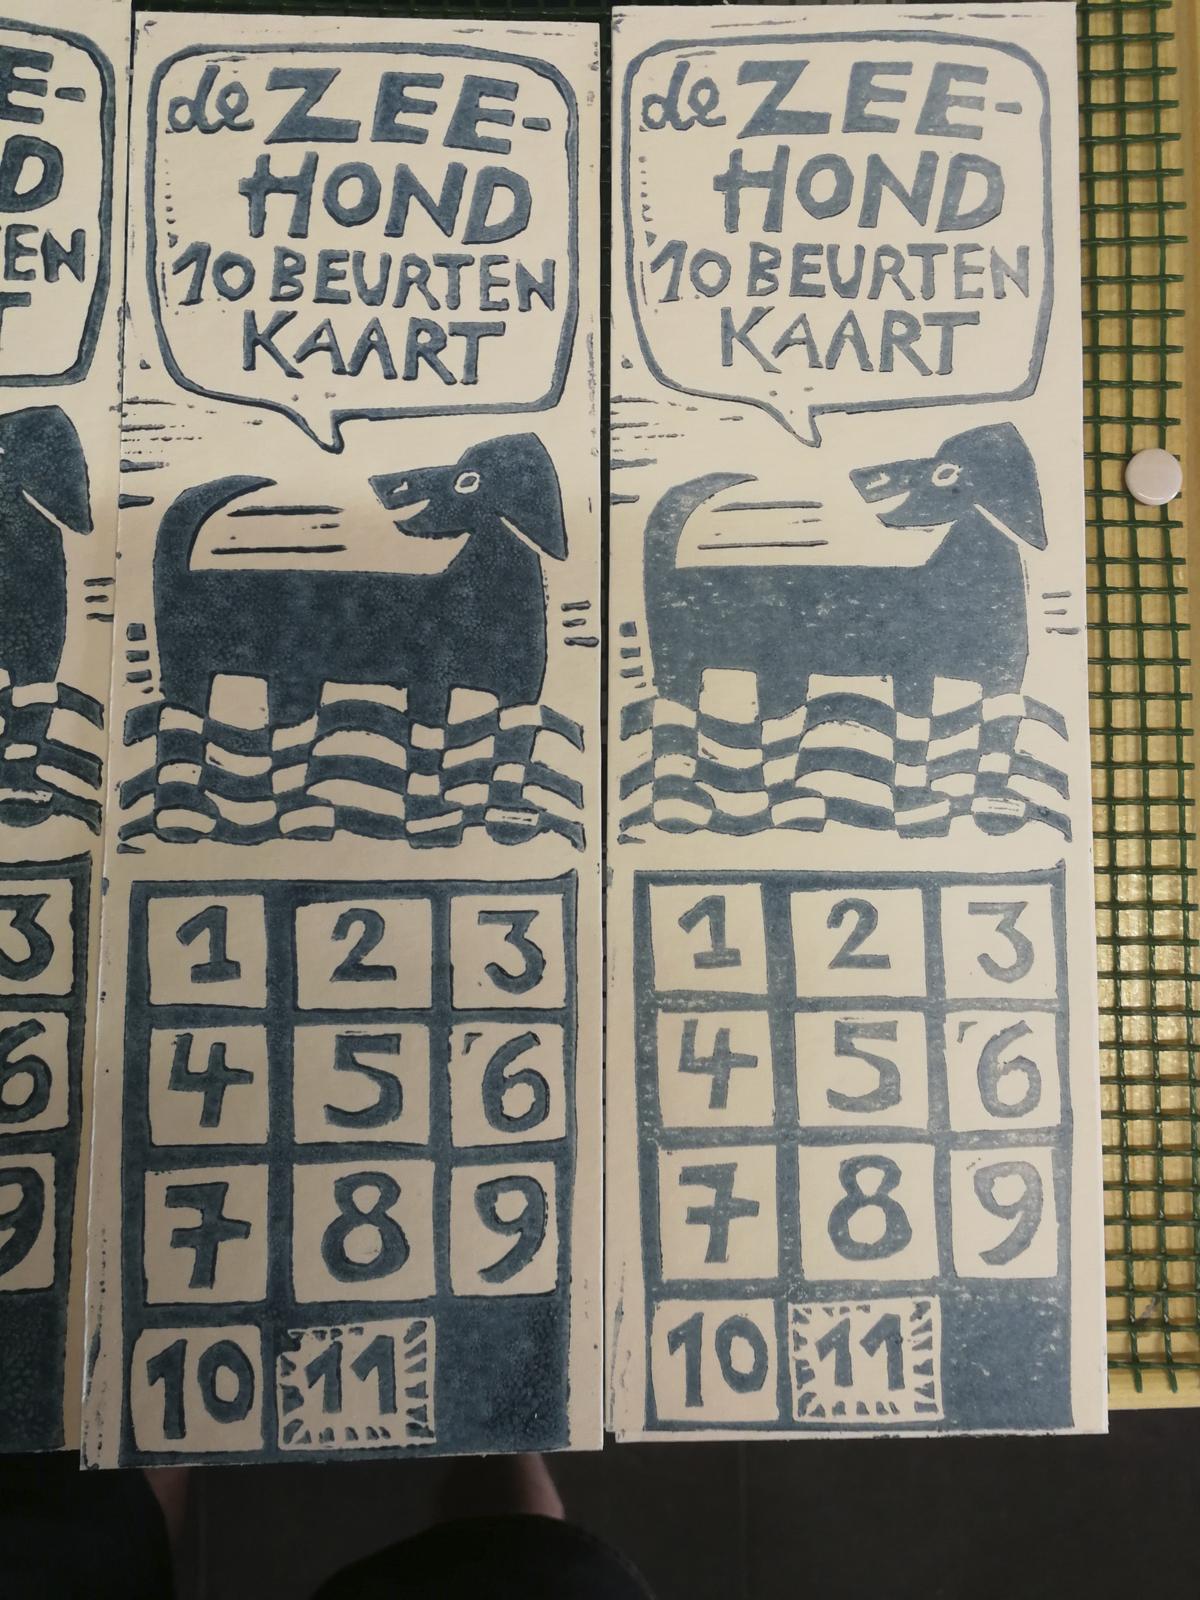 foto 10 eurtenkaart